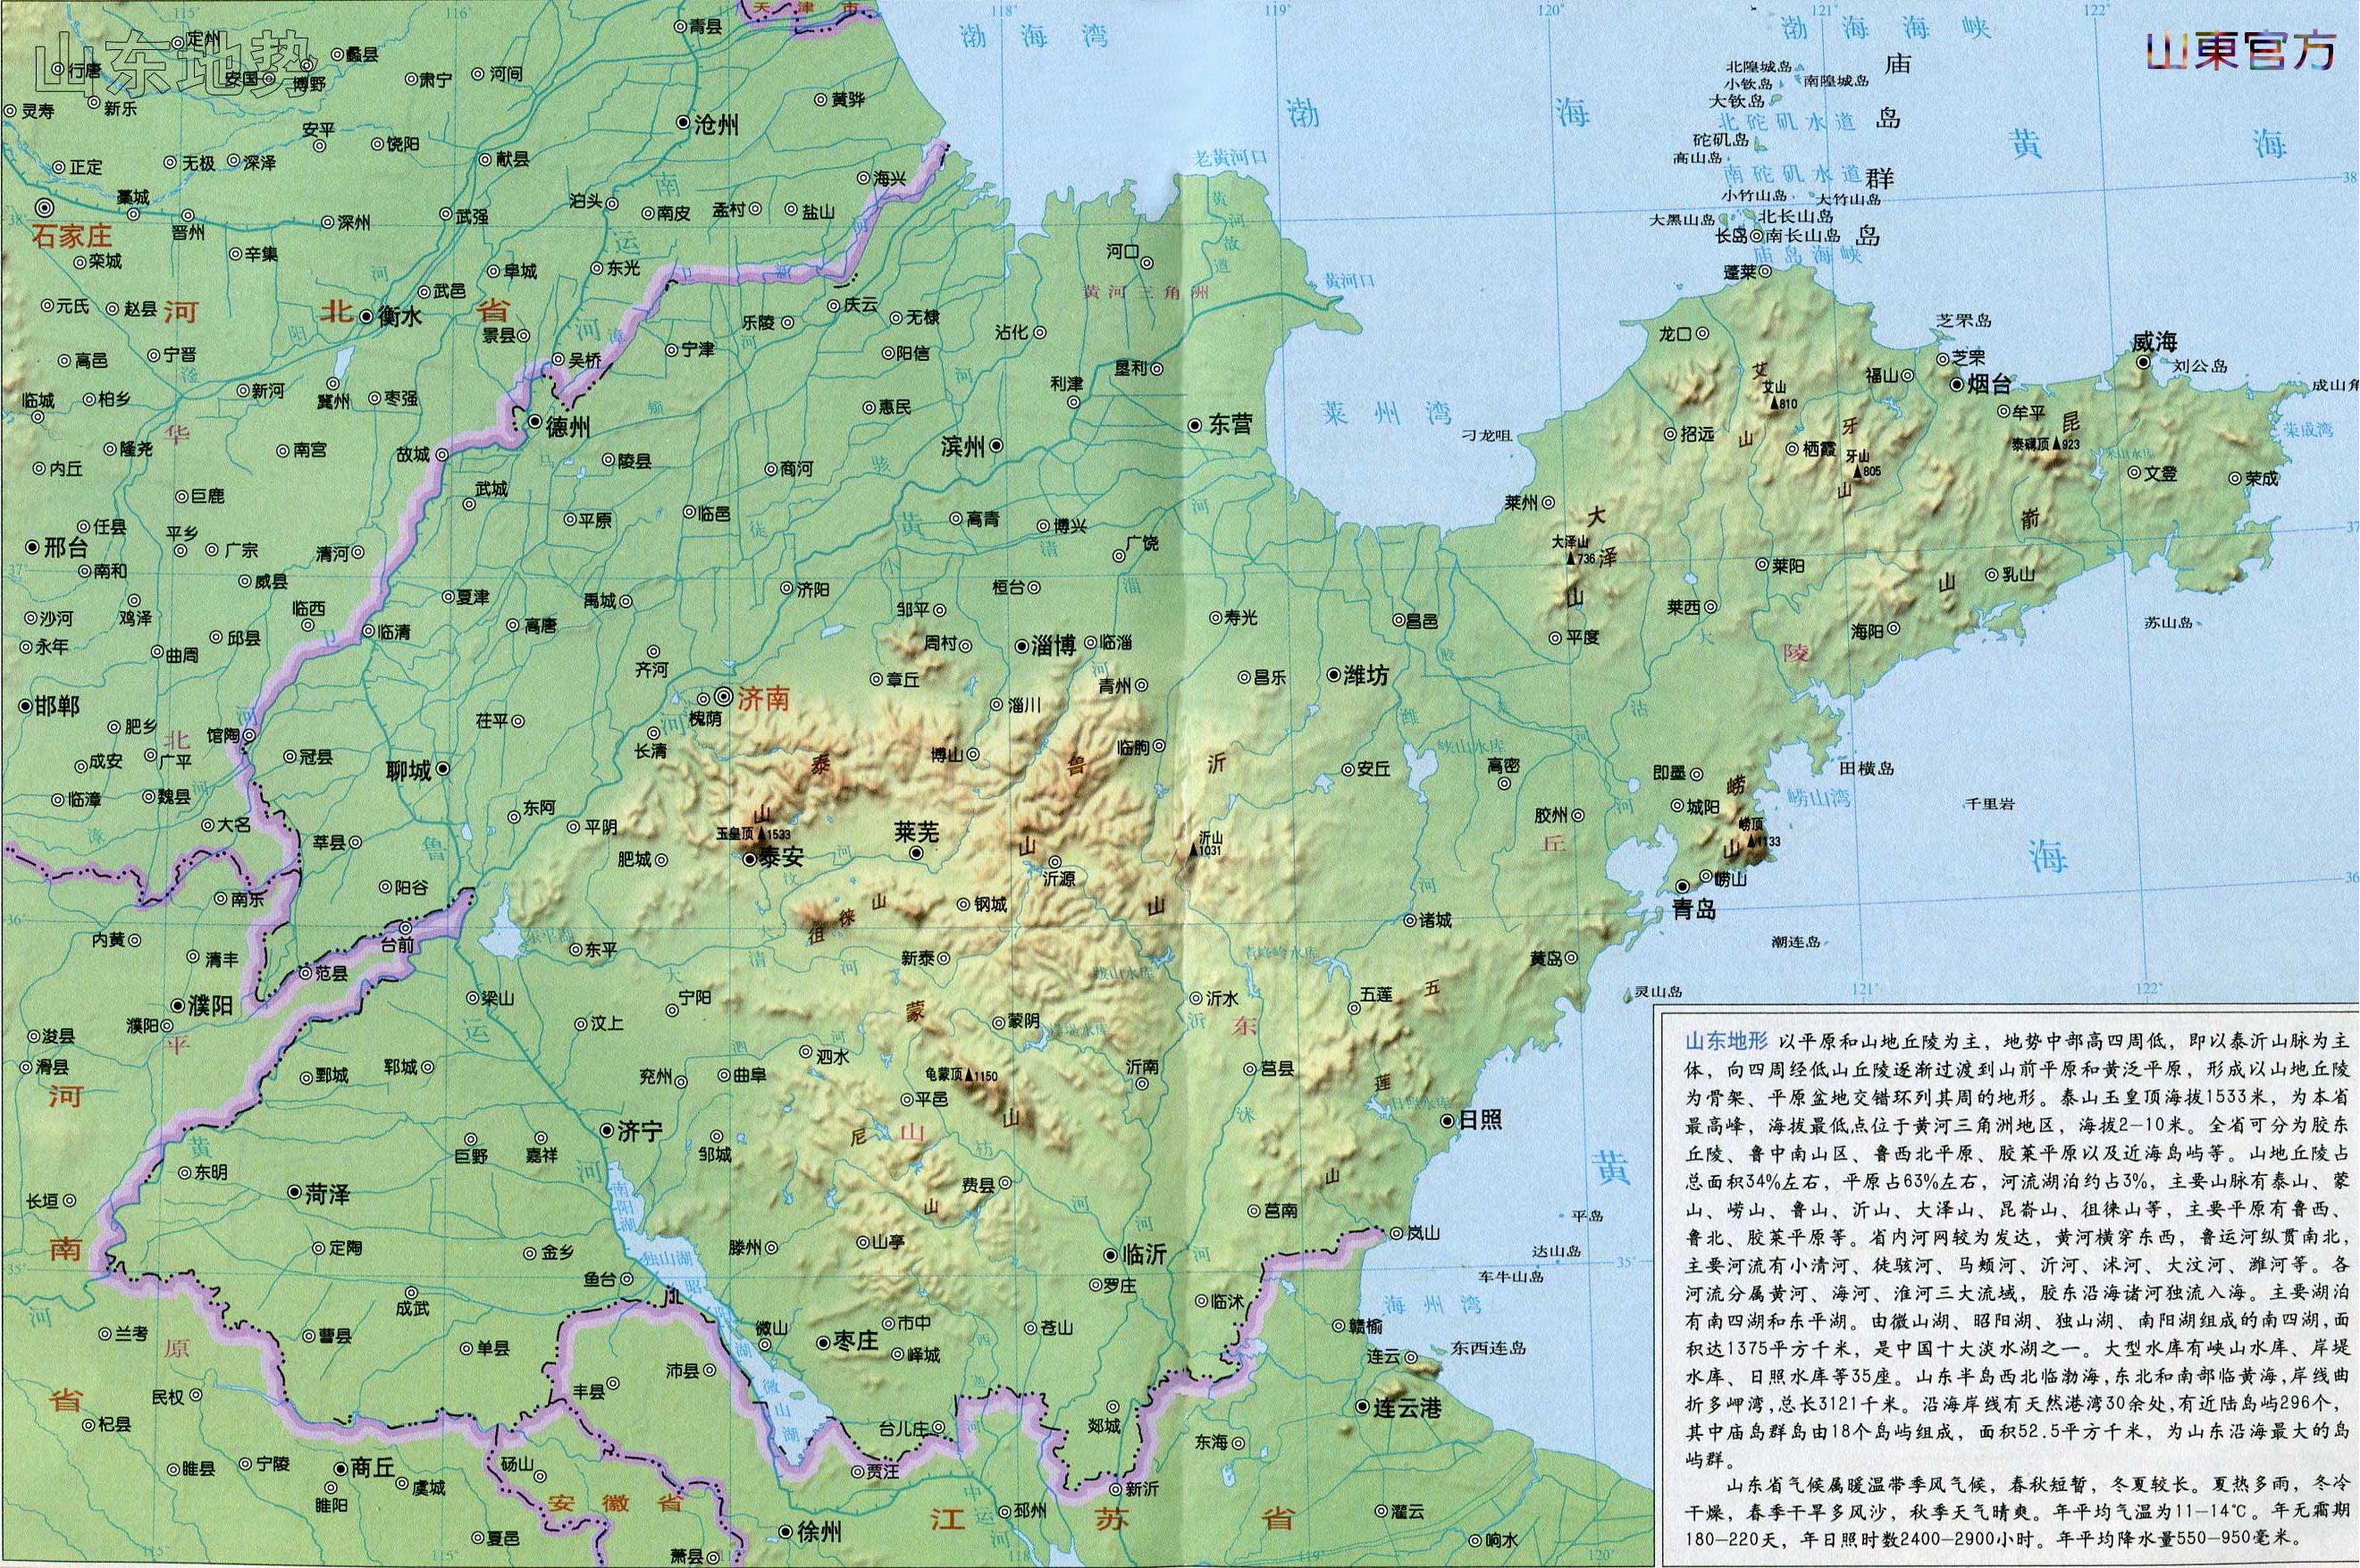 北部 【地图】山东省分县地形图  山川形便 十堰 加关注 发消息 只看